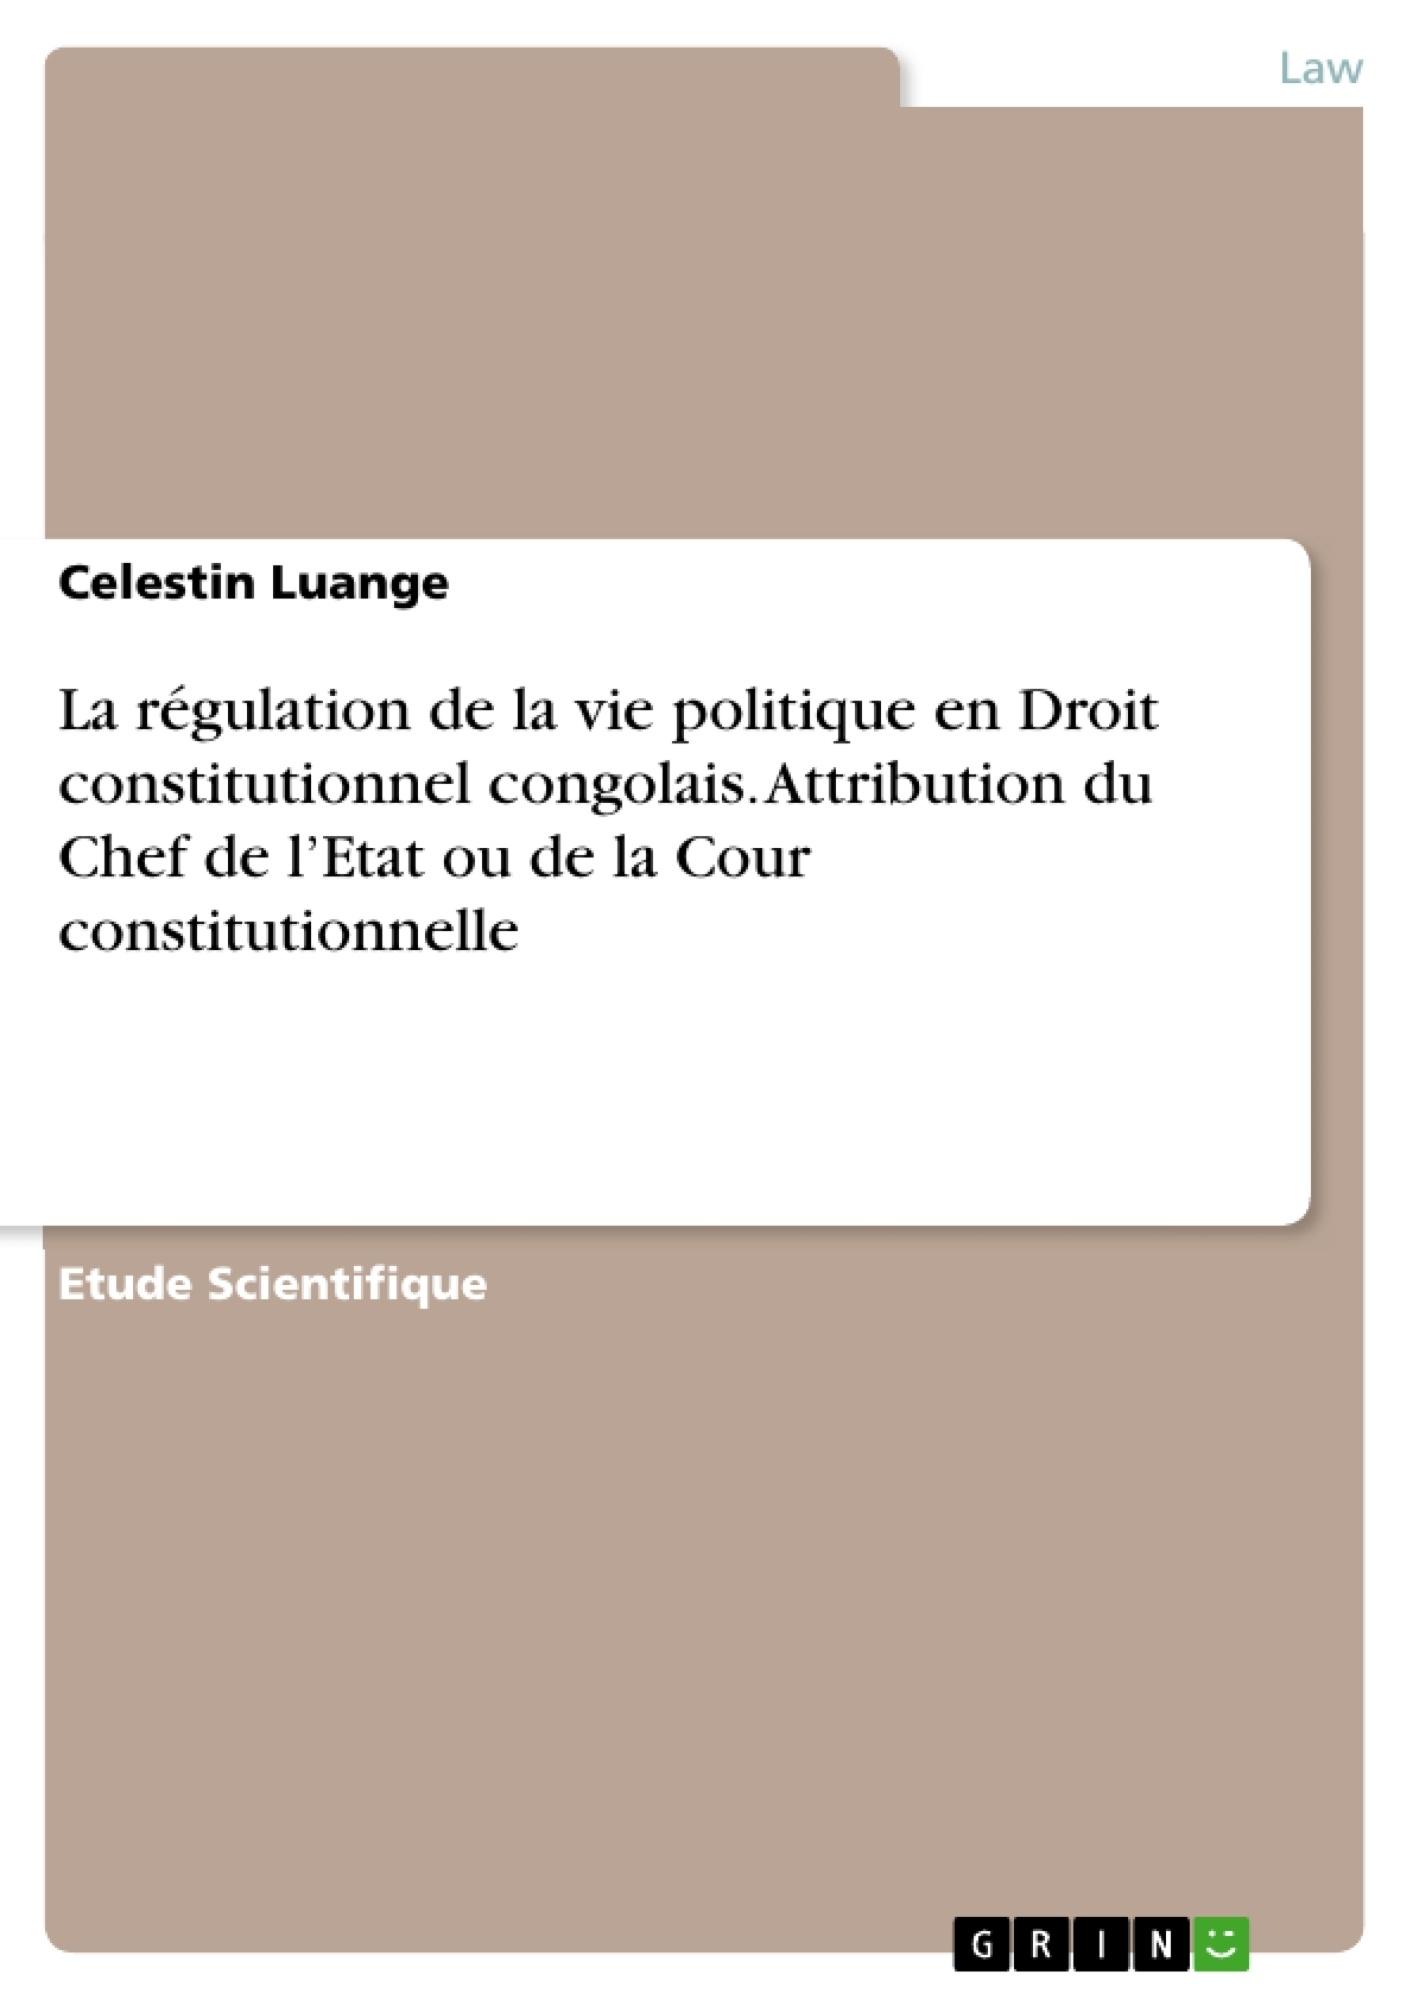 Titre: La régulation de la vie politique en Droit constitutionnel congolais. Attribution du Chef de l'Etat ou de la Cour constitutionnelle